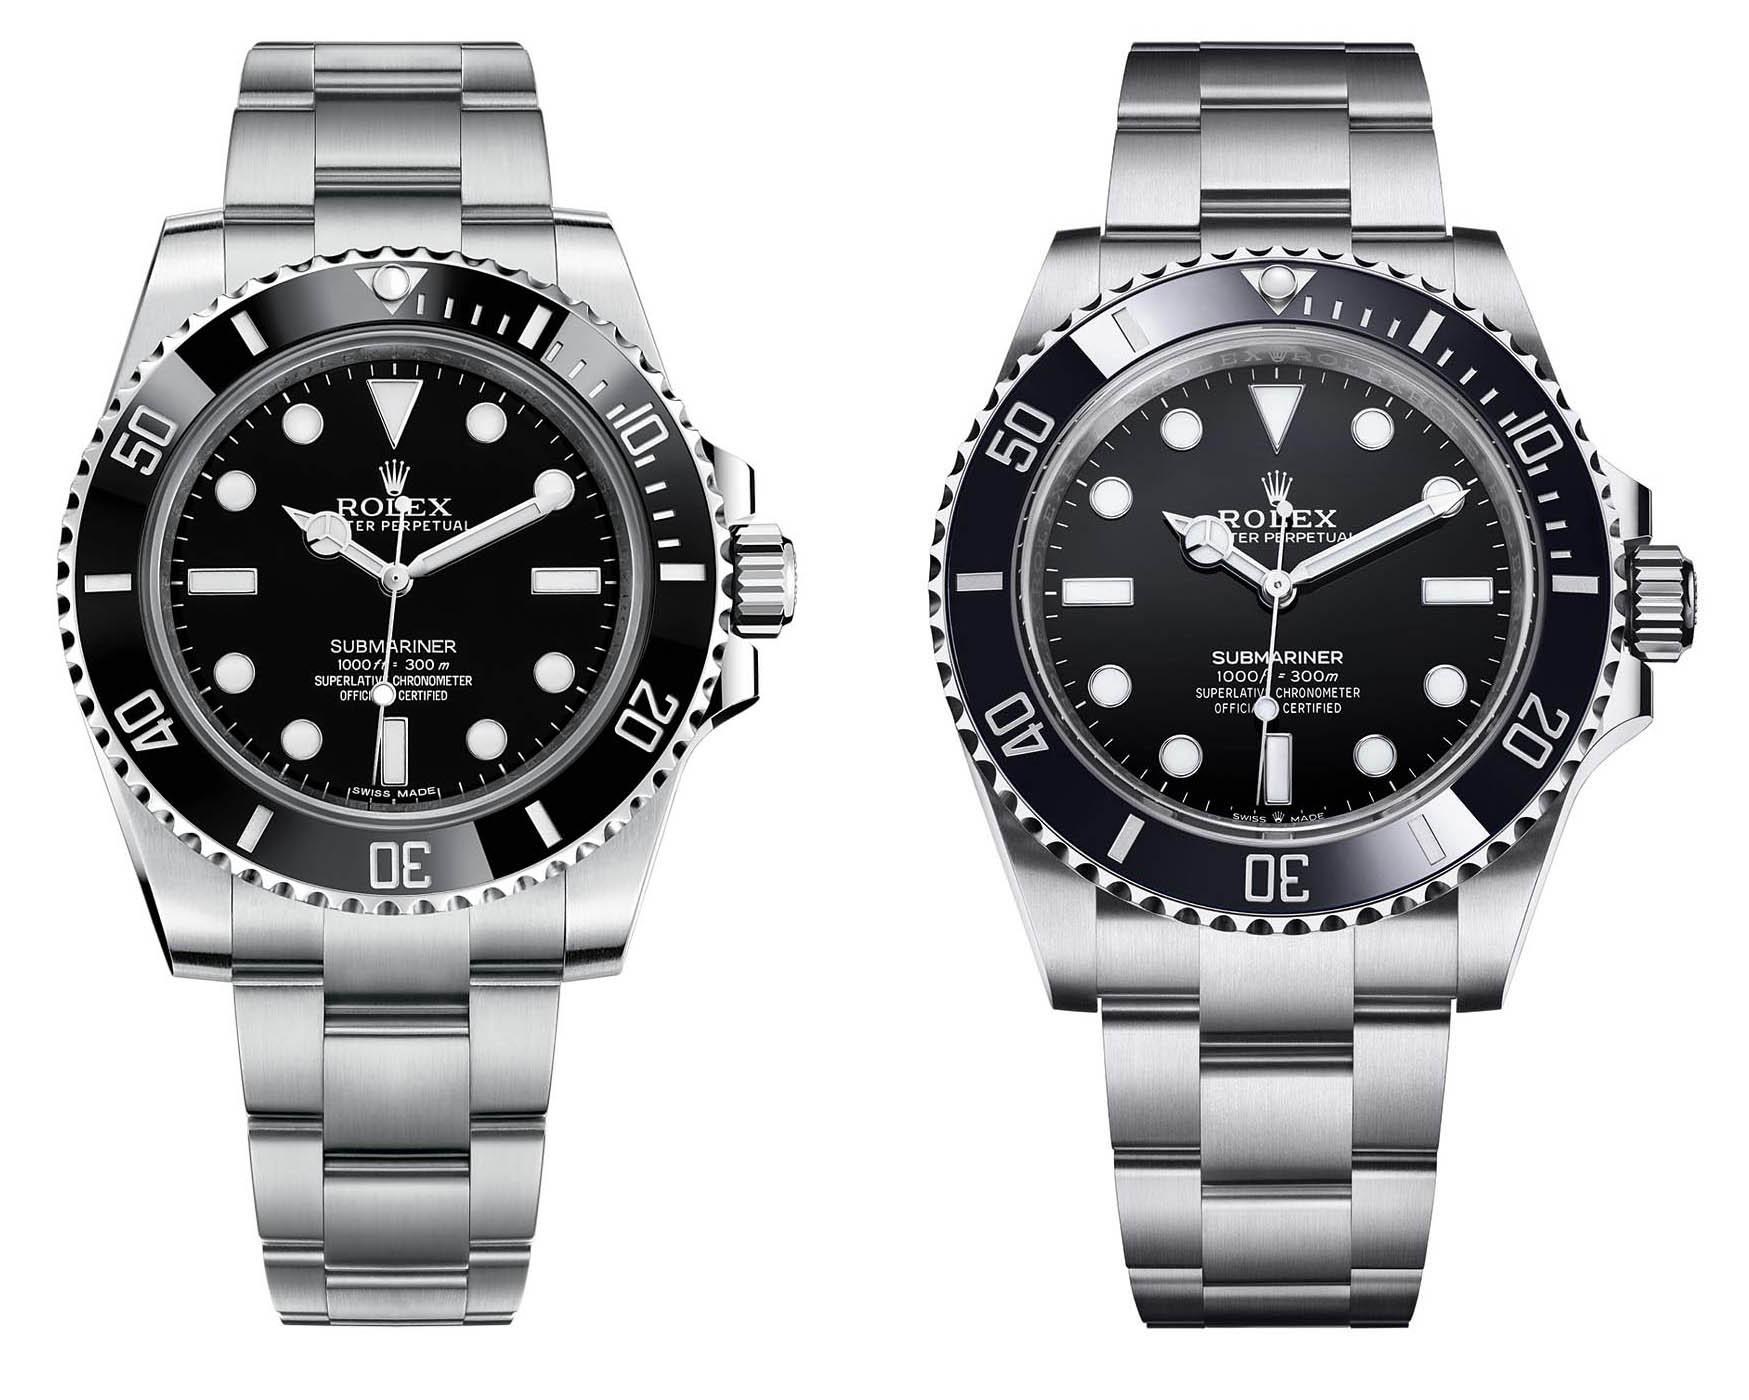 Rolex Submariner 124060 vs 114060